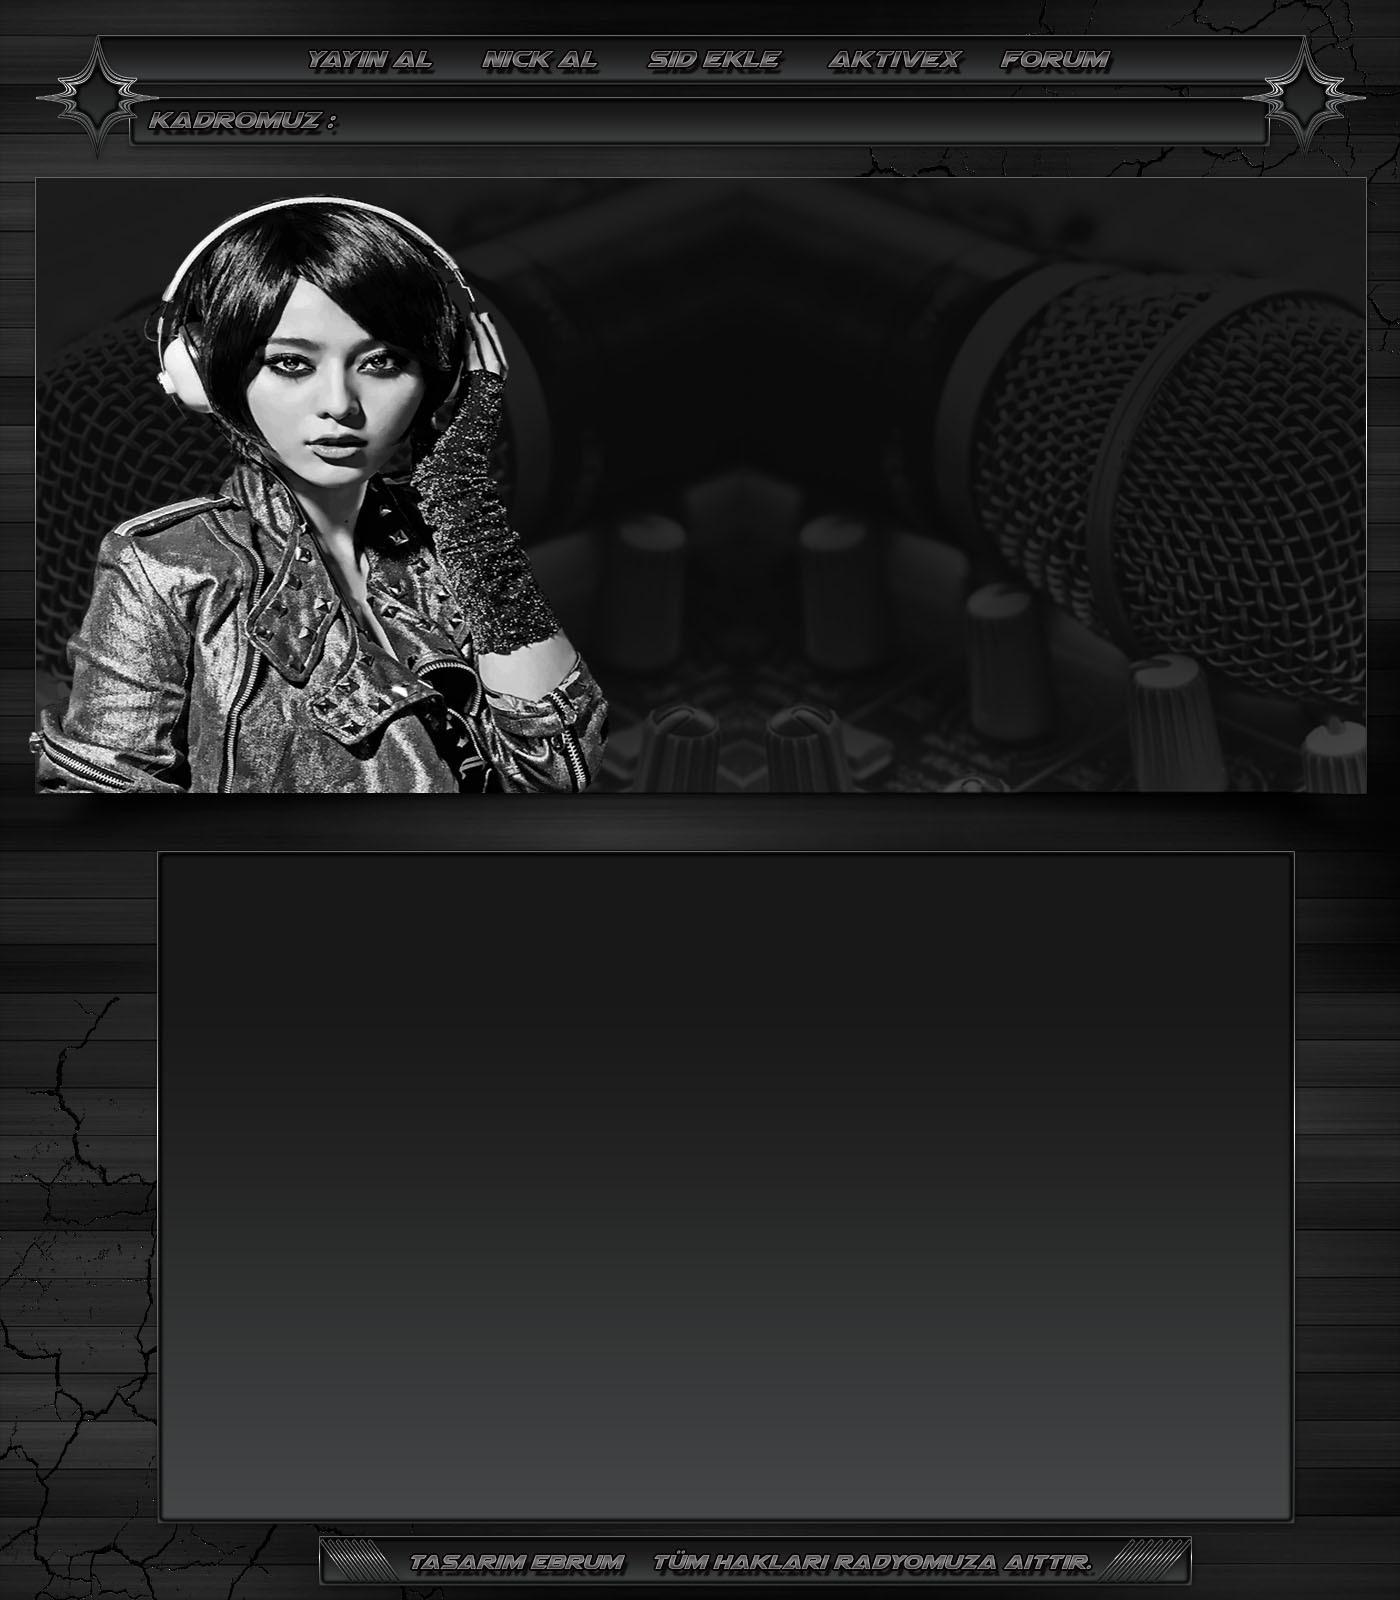 Gri Mikrofon Dj Kız Radyo İndex [1000x650 Boyutunda]